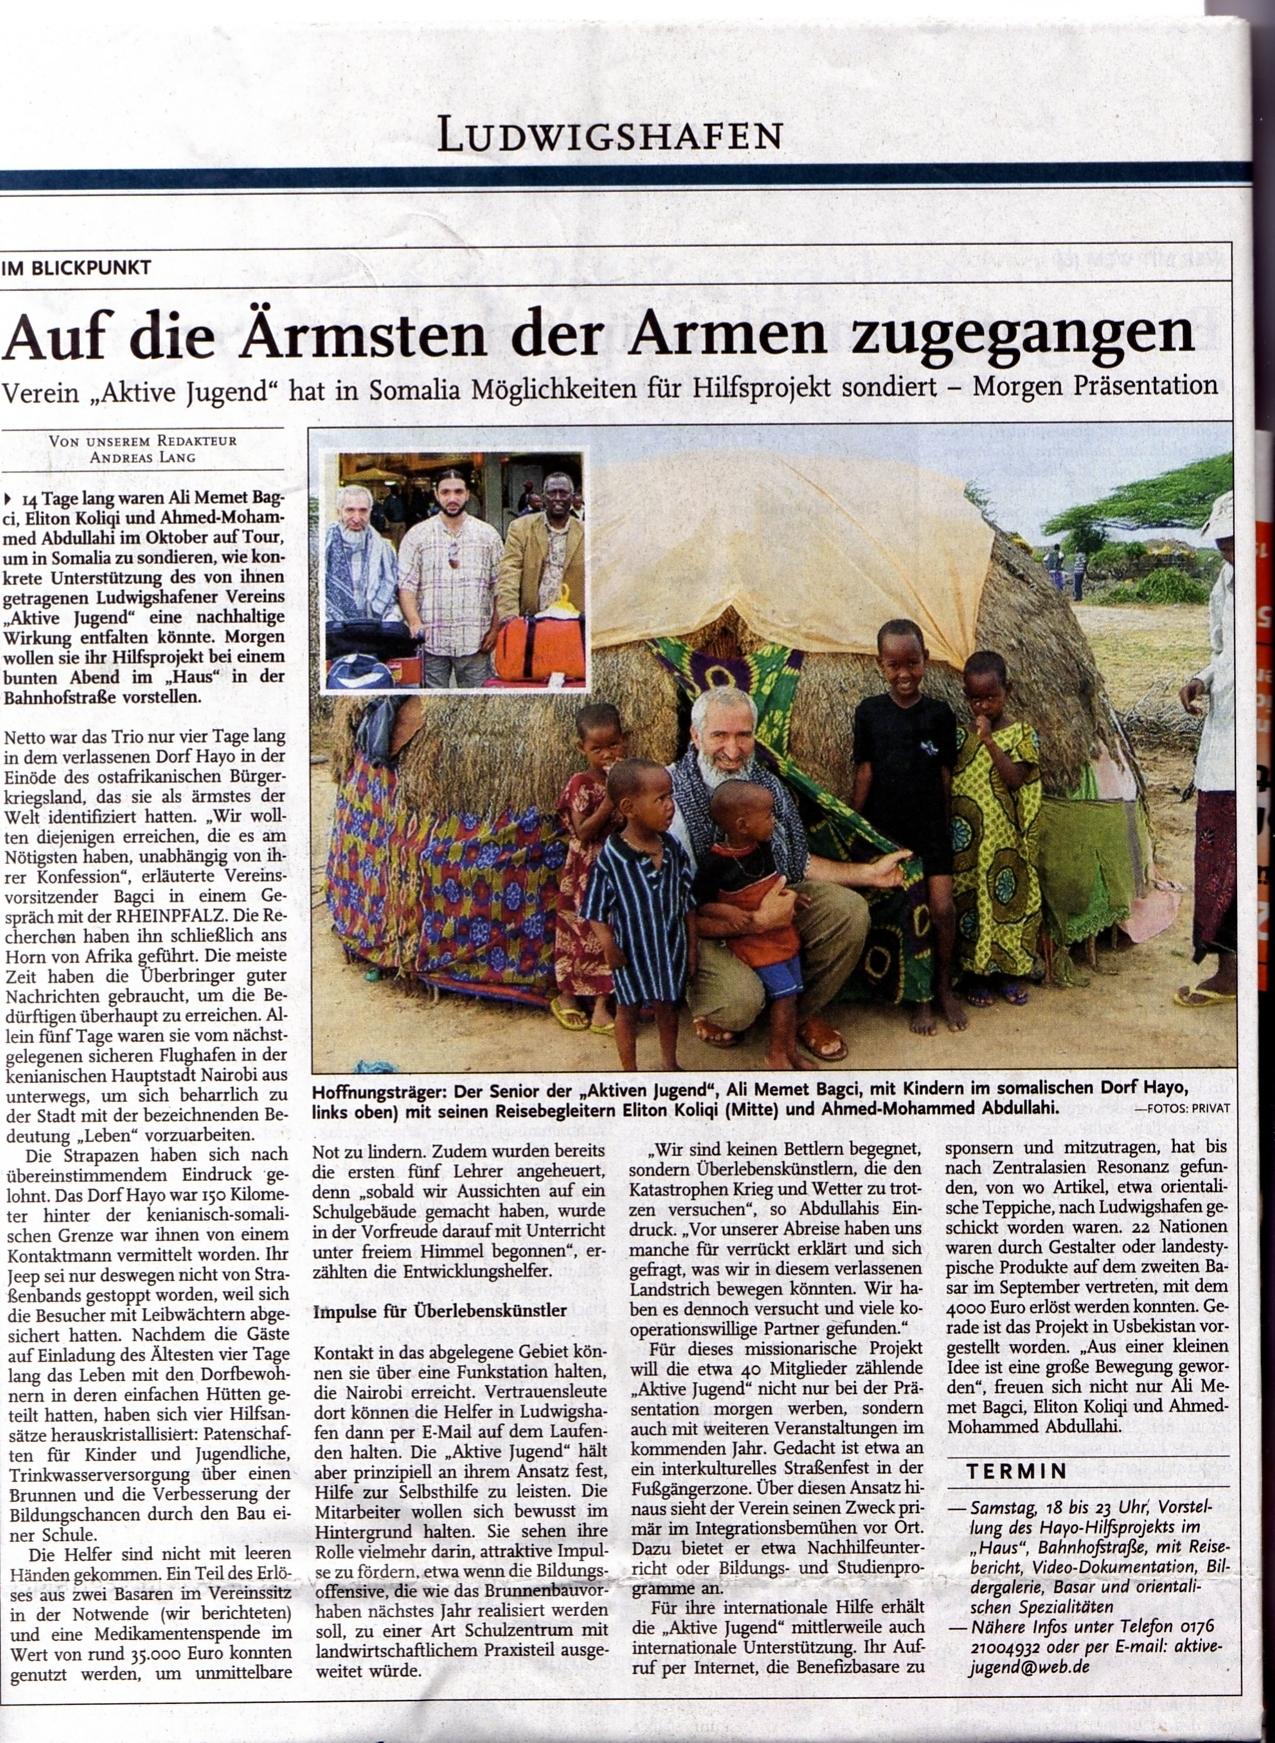 04.  rlf. gazetesi somali haberi 10.12.2006